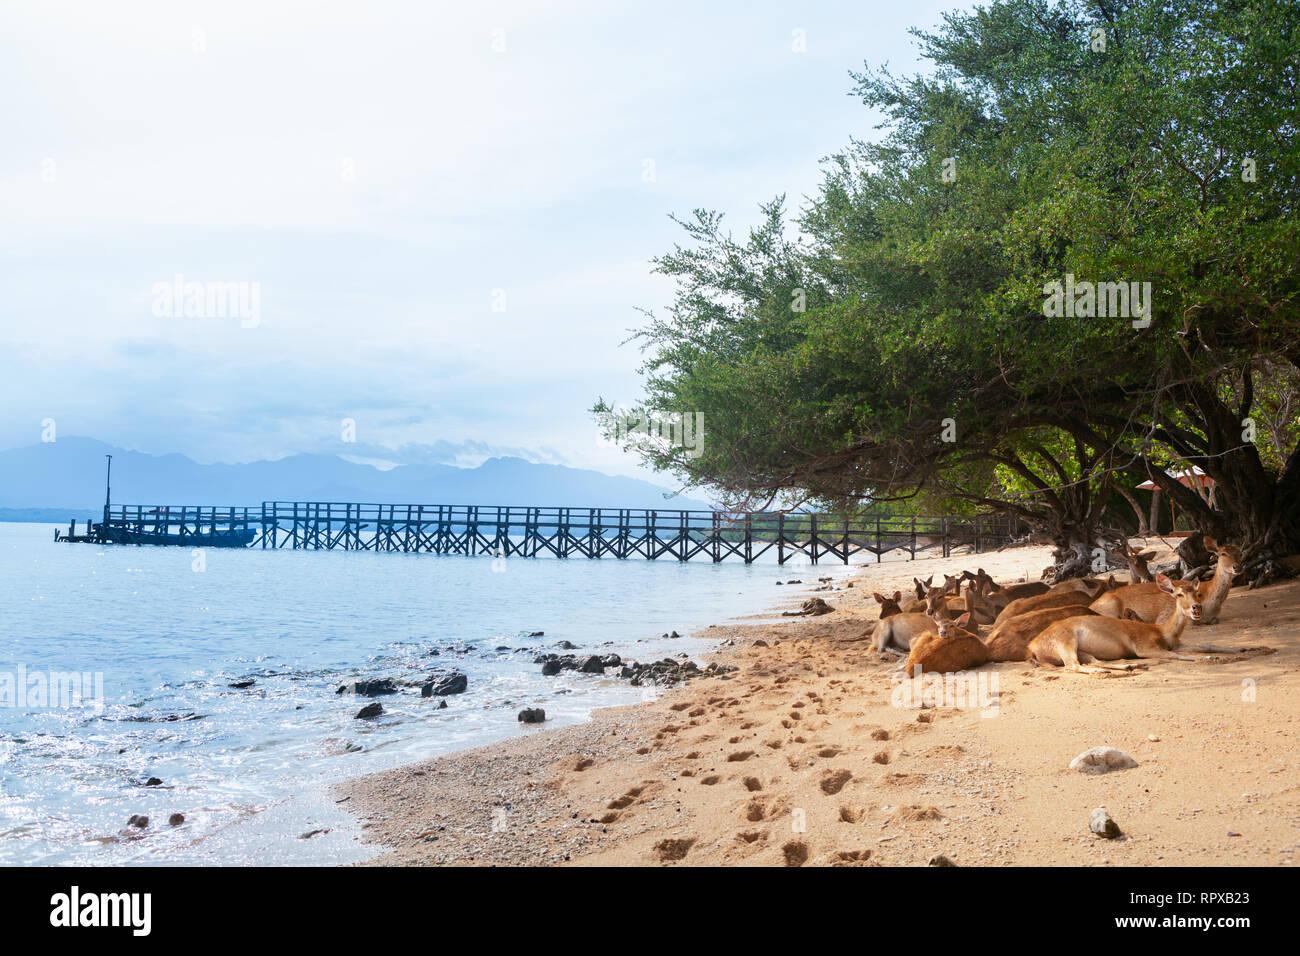 Herd of Javan Rusa under tree on beach of Bali west national park Menjangan ( deer island ) - popular travel destination for scuba diving safari - Stock Image